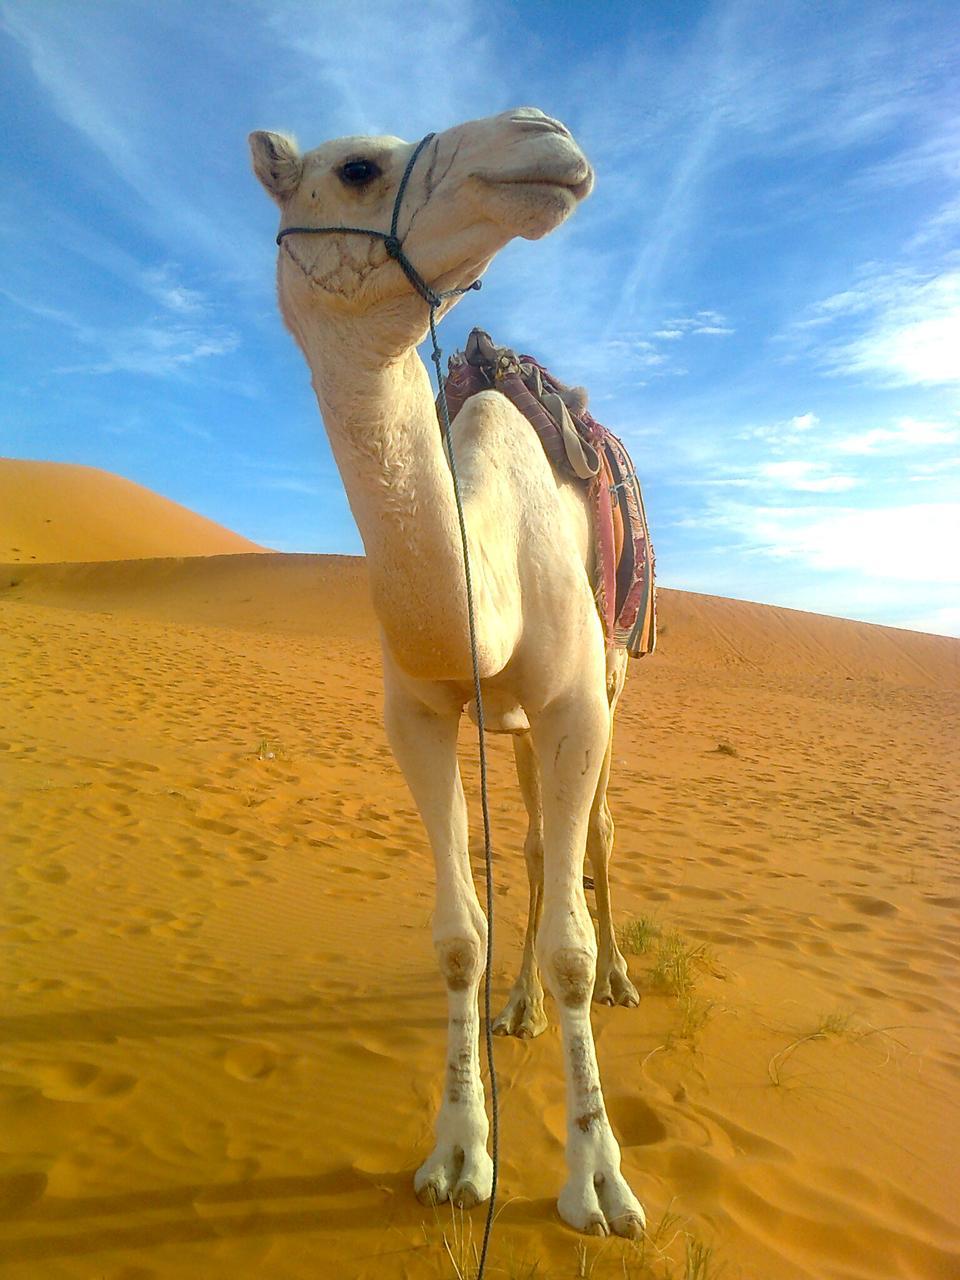 骆驼沙漠景观的冒险